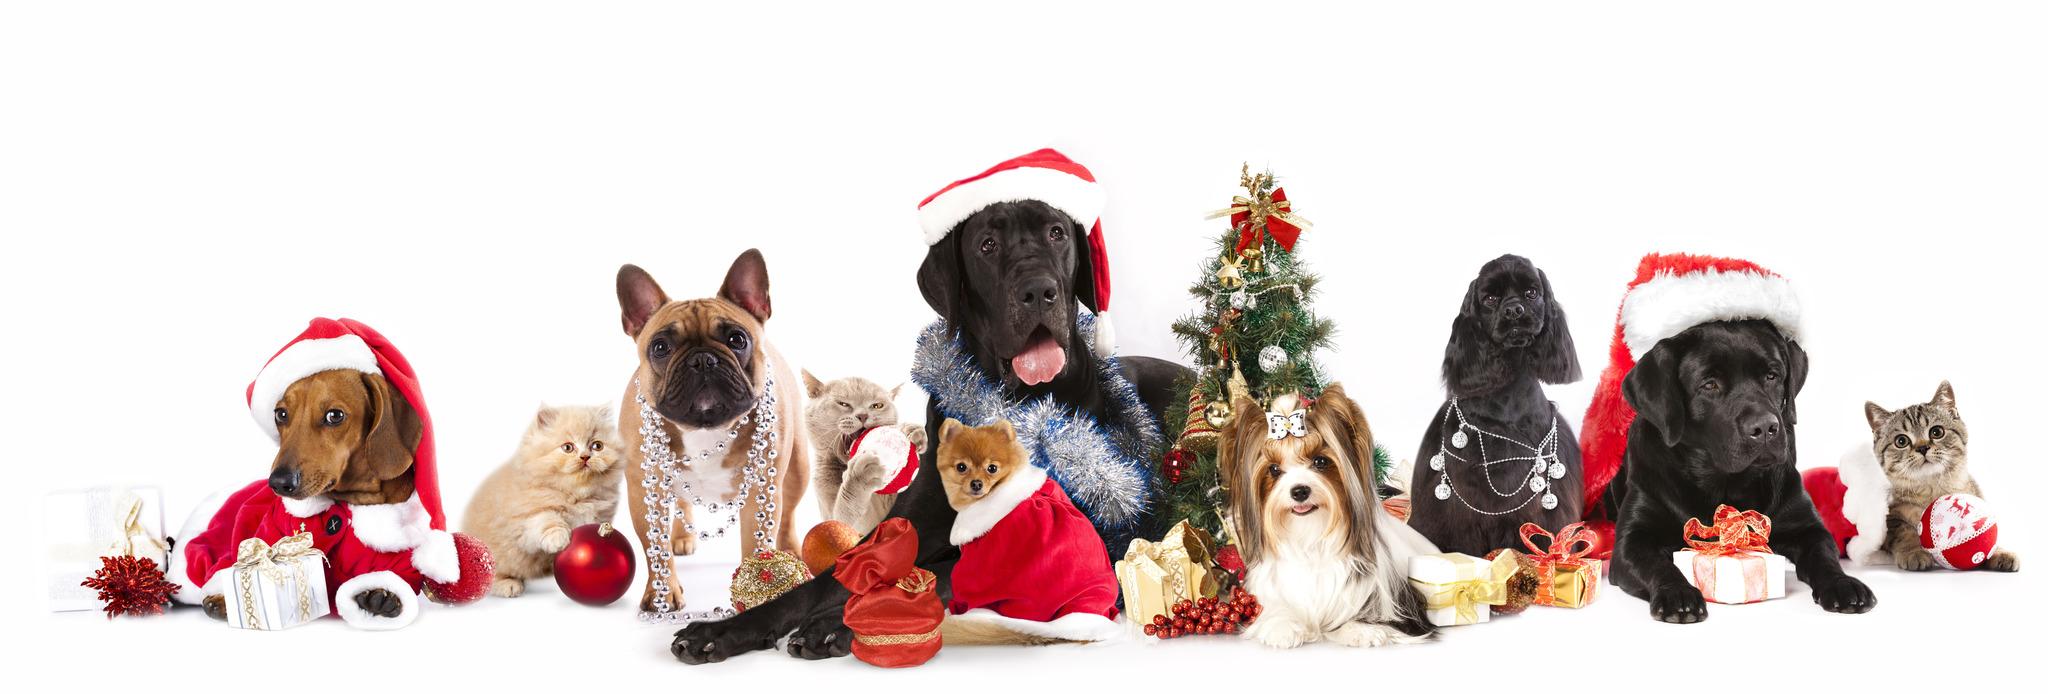 Haustiere sind keine Weihnachtsgeschenke\